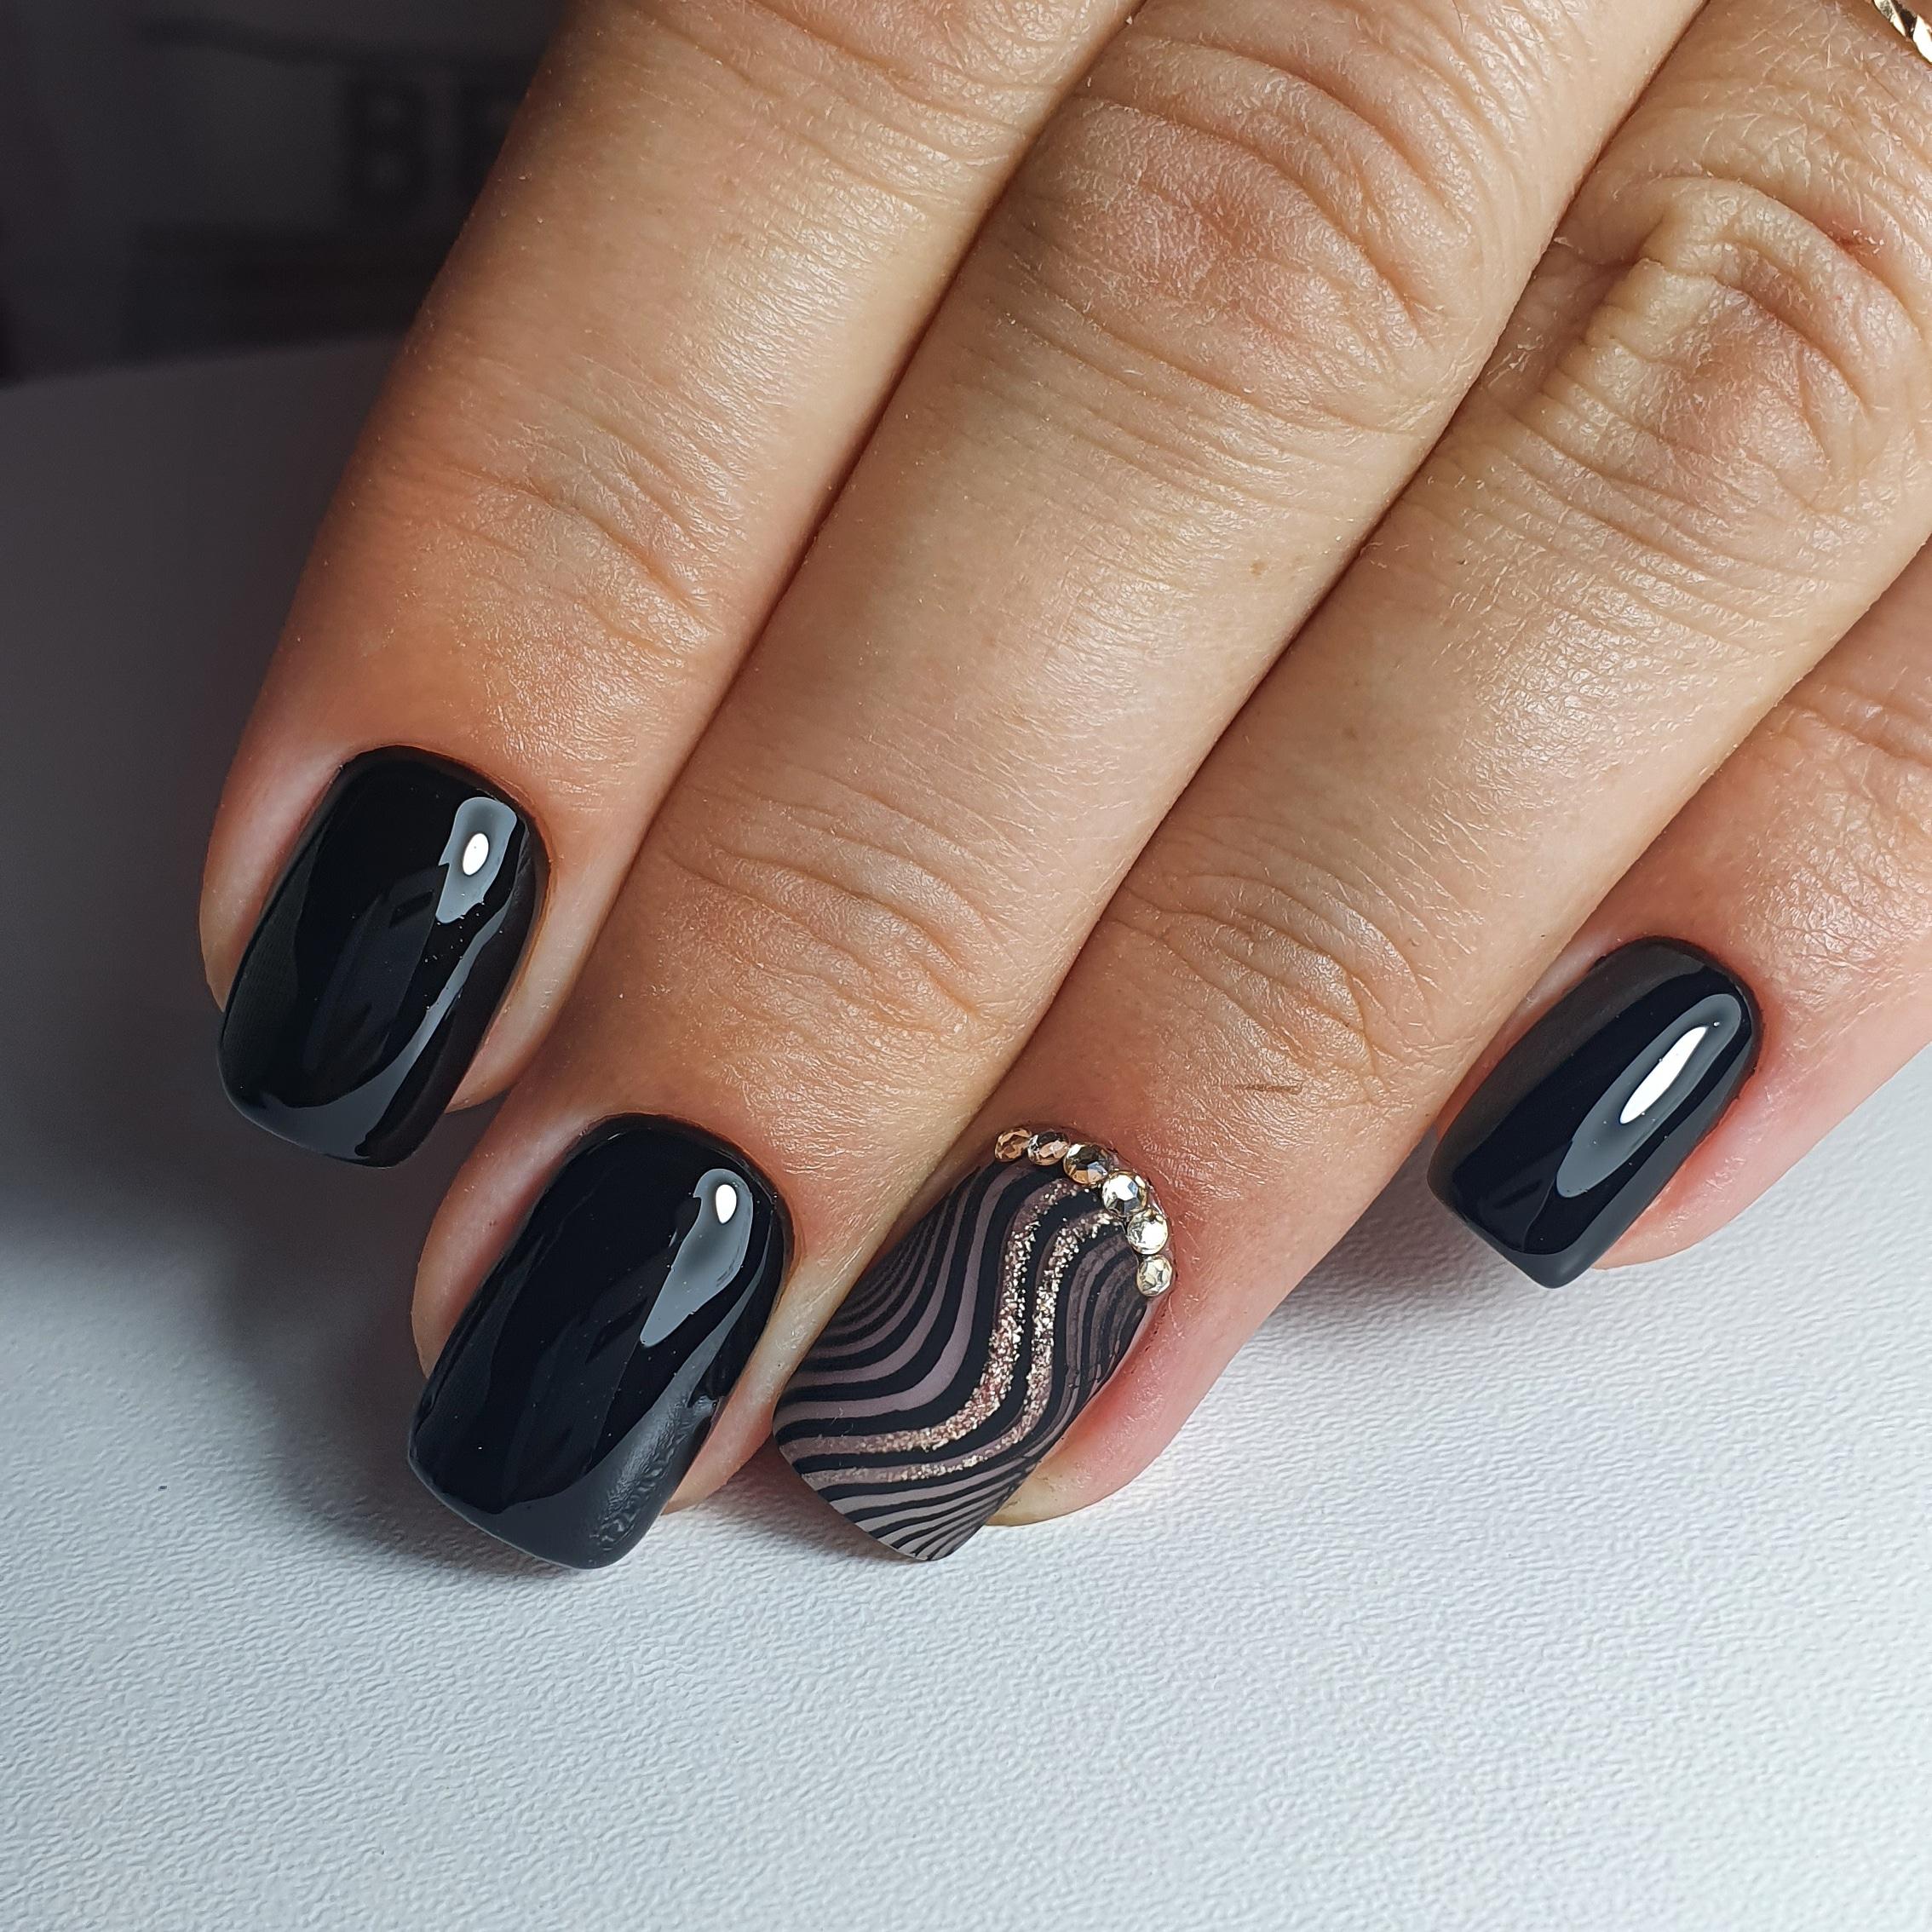 Маникюр со слайдерами, блестками и стразами в черном цвете на короткие ногти.